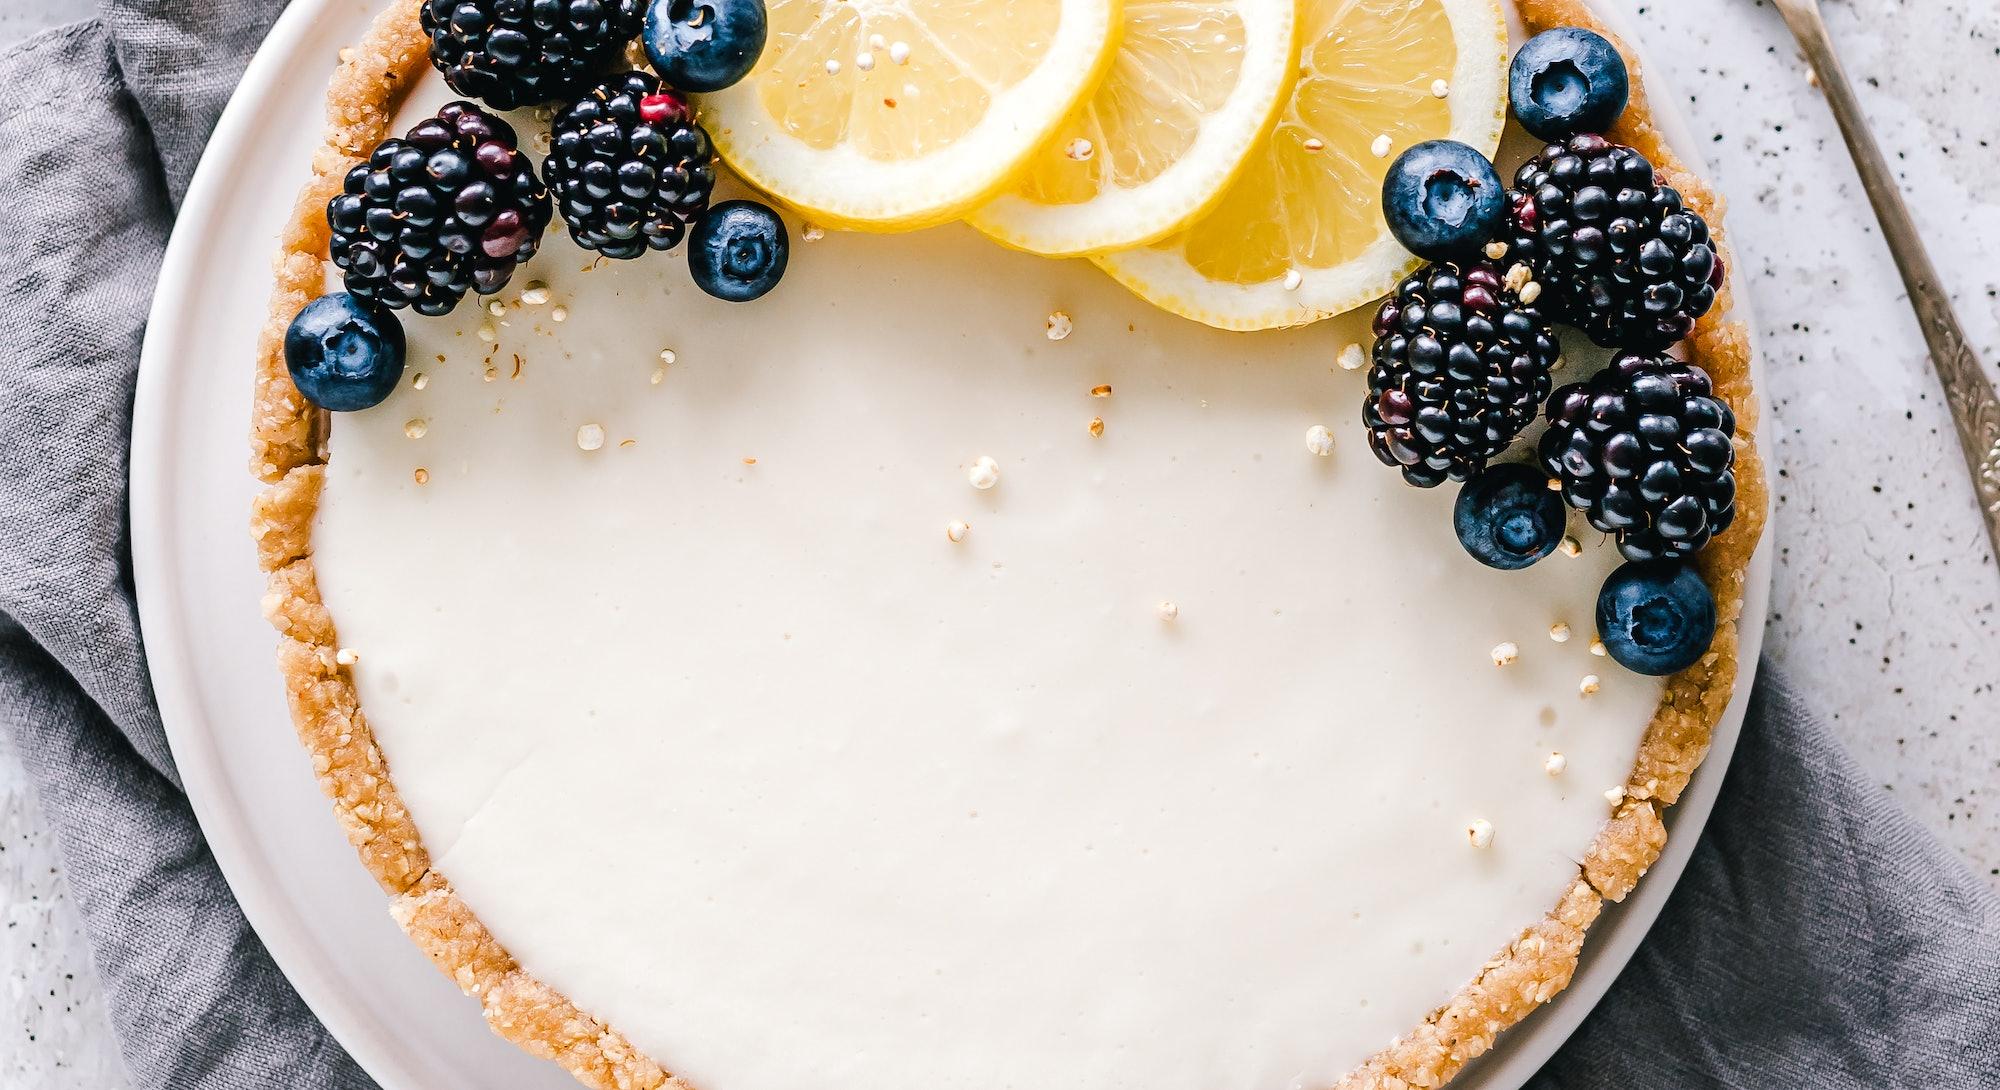 lemon tart with blueberries and fresh lemon garnish, shot from above